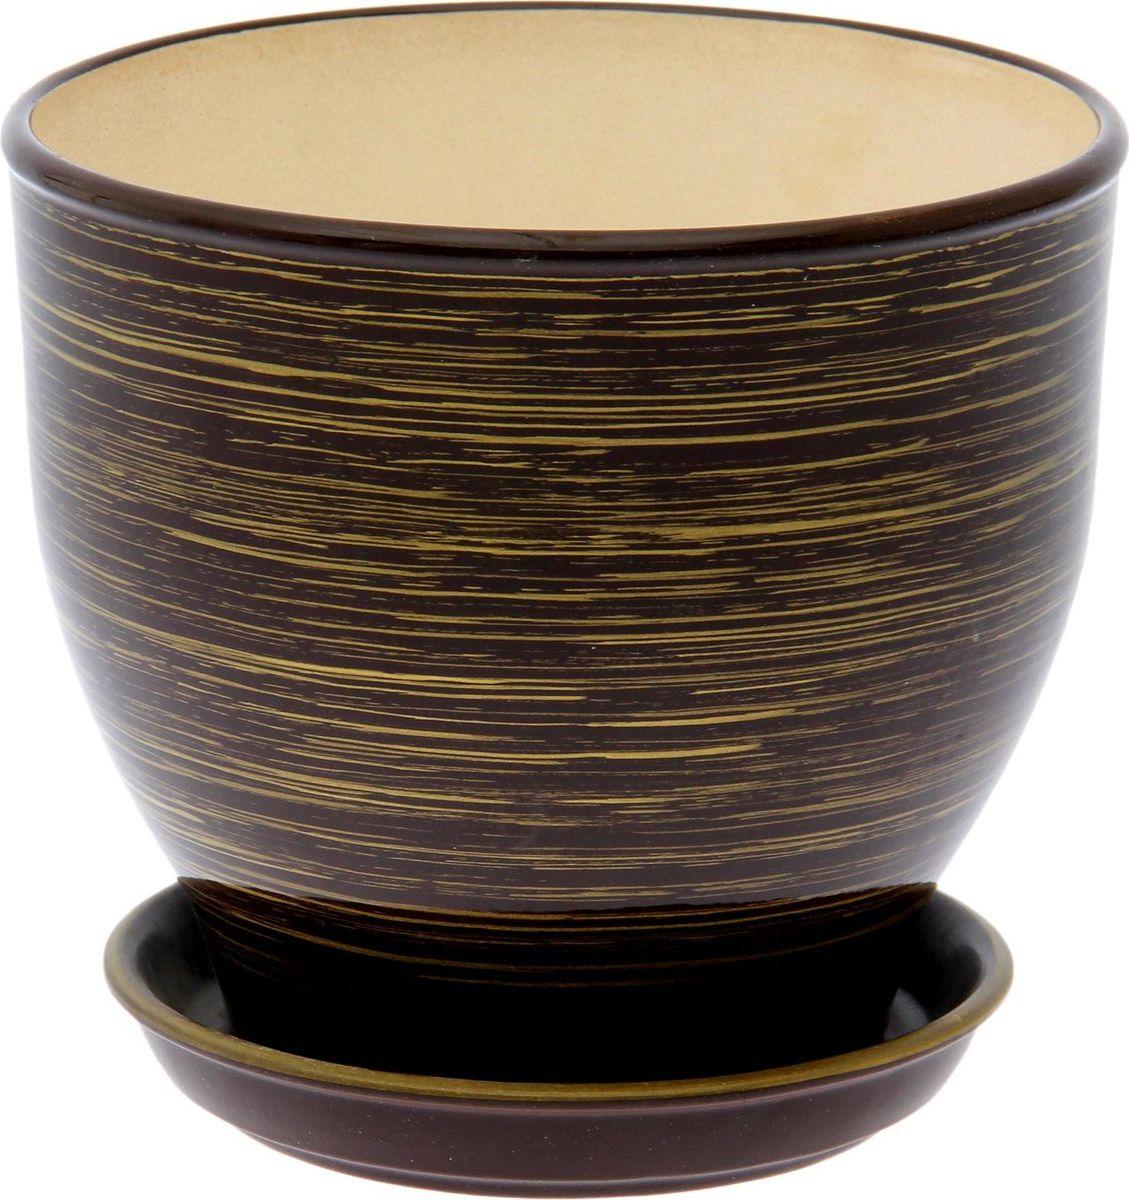 Кашпо Керамика ручной работы Виктор. Глянец, цвет: шоколадный, золотой, 4 л1489659Комнатные растения — всеобщие любимцы. Они радуют глаз, насыщают помещение кислородом и украшают пространство. Каждому из них необходим свой удобный и красивый дом. Кашпо из керамики прекрасно подходят для высадки растений: за счёт пластичности глины и разных способов обработки существует великое множество форм и дизайновпористый материал позволяет испаряться лишней влагевоздух, необходимый для дыхания корней, проникает сквозь керамические стенки! #name# позаботится о зелёном питомце, освежит интерьер и подчеркнёт его стиль.